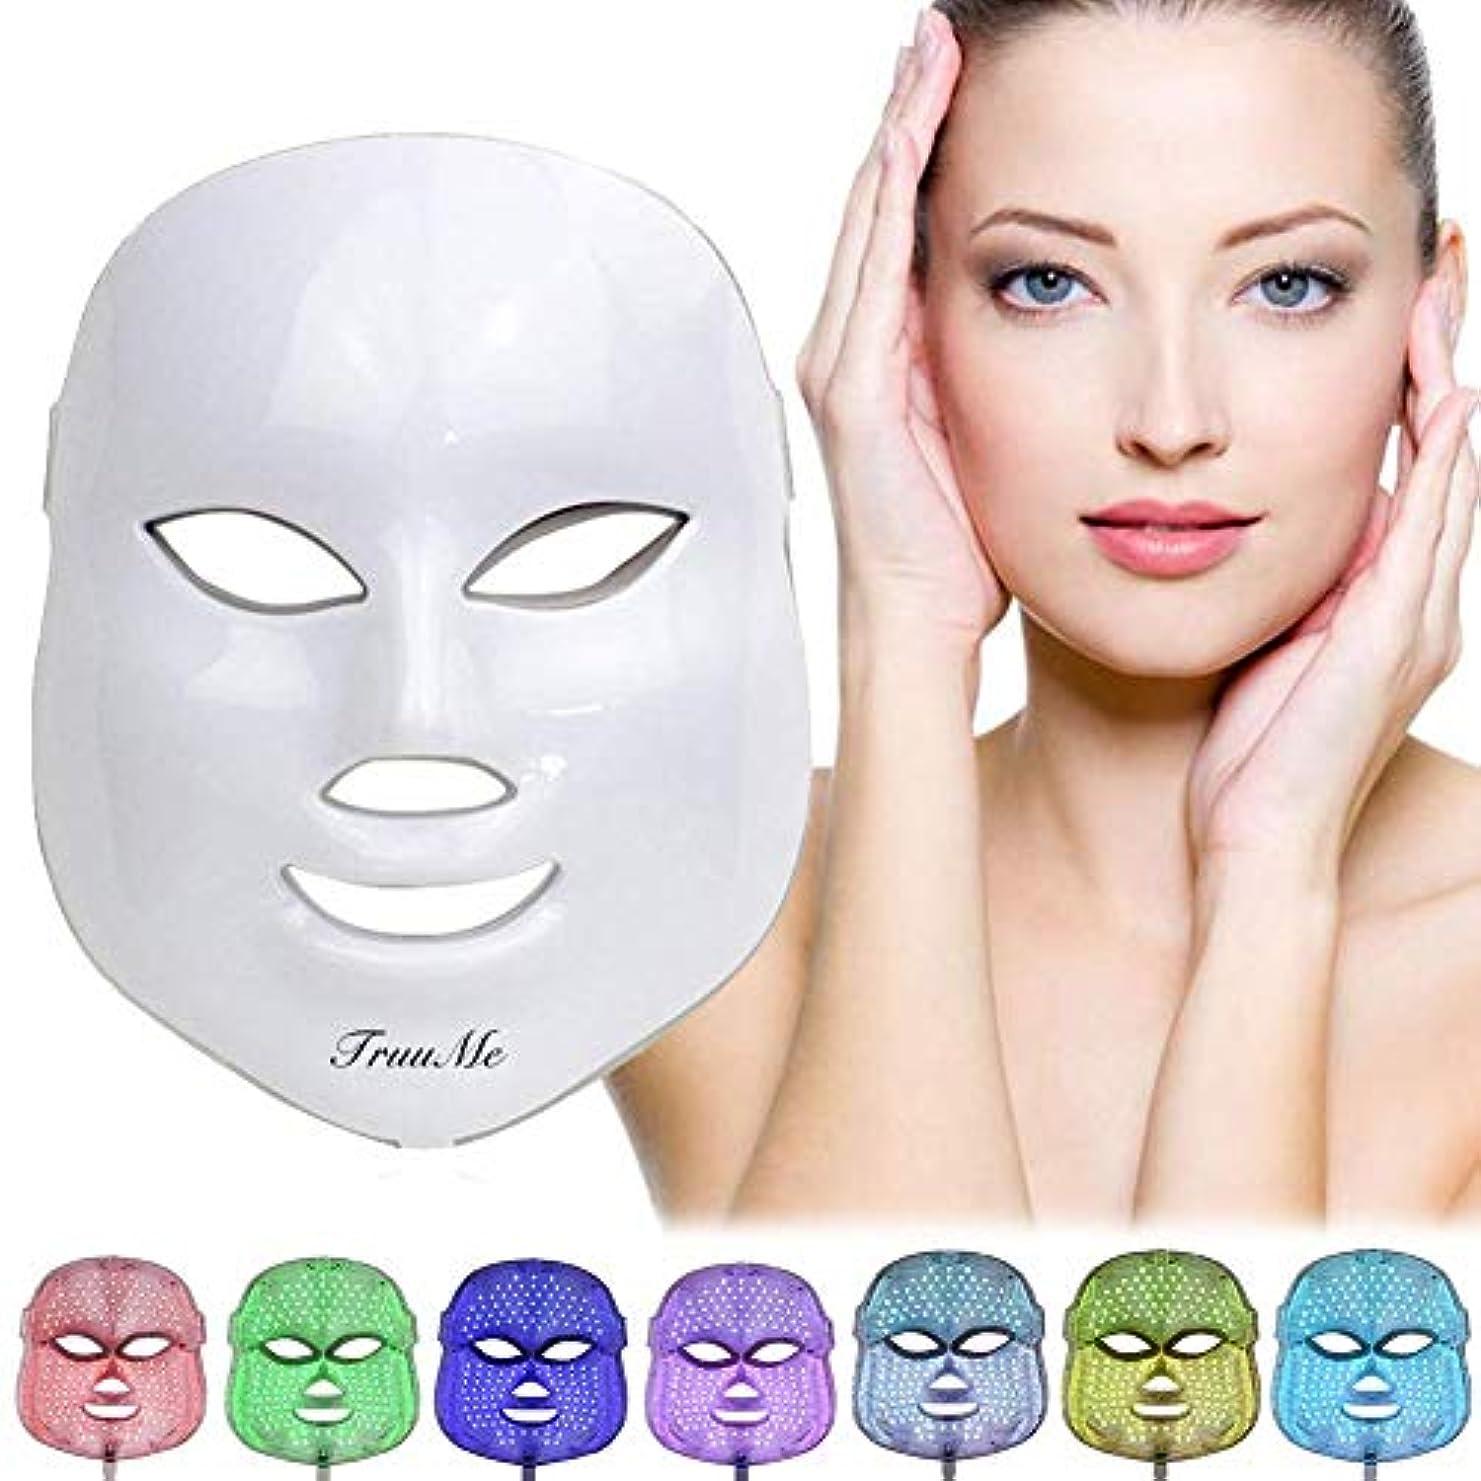 低下従事するシンプルさLEDフェイスマスク、ライトセラピーニキビマスク、LEDフェイシャルマスク、光線療法マスク、LEDエレクトリックフェイシャルマスク、7色光治療、ニキビ治療用マスク、斑点、にきび、皮膚のシミ